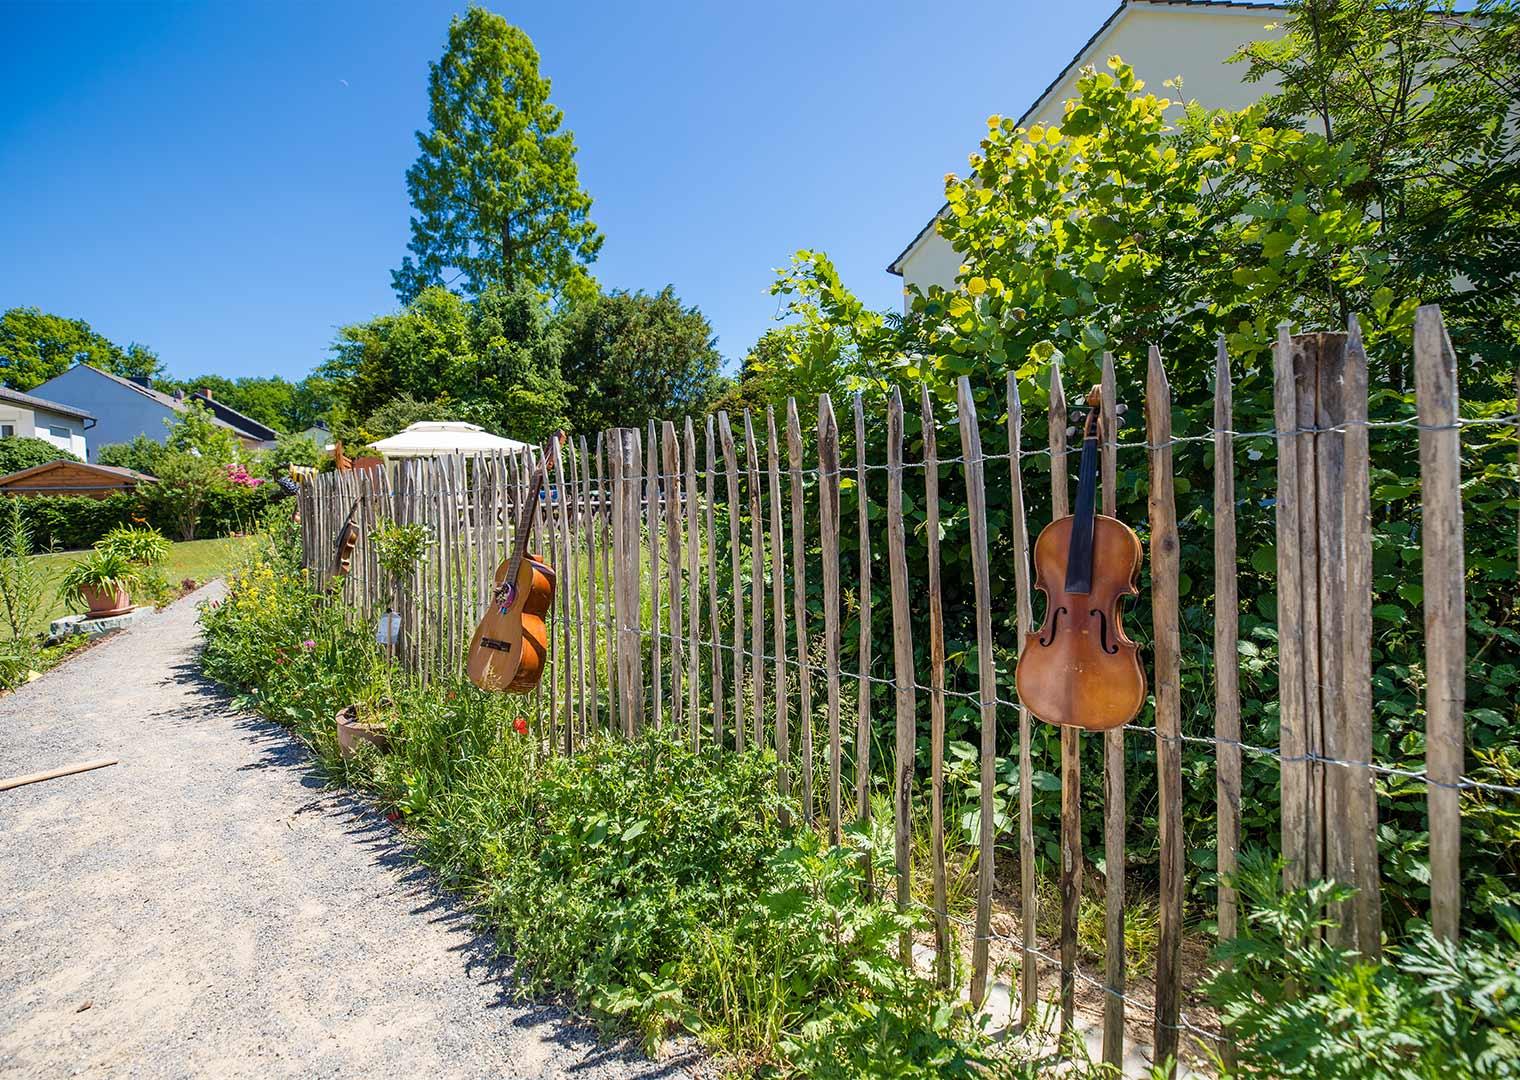 Link zur Bilddatei: koetter_galabau_landschaftsbau_soest_referenz_galeriebilder_garten_mit_terrasse_und_holzzaun_bild_03